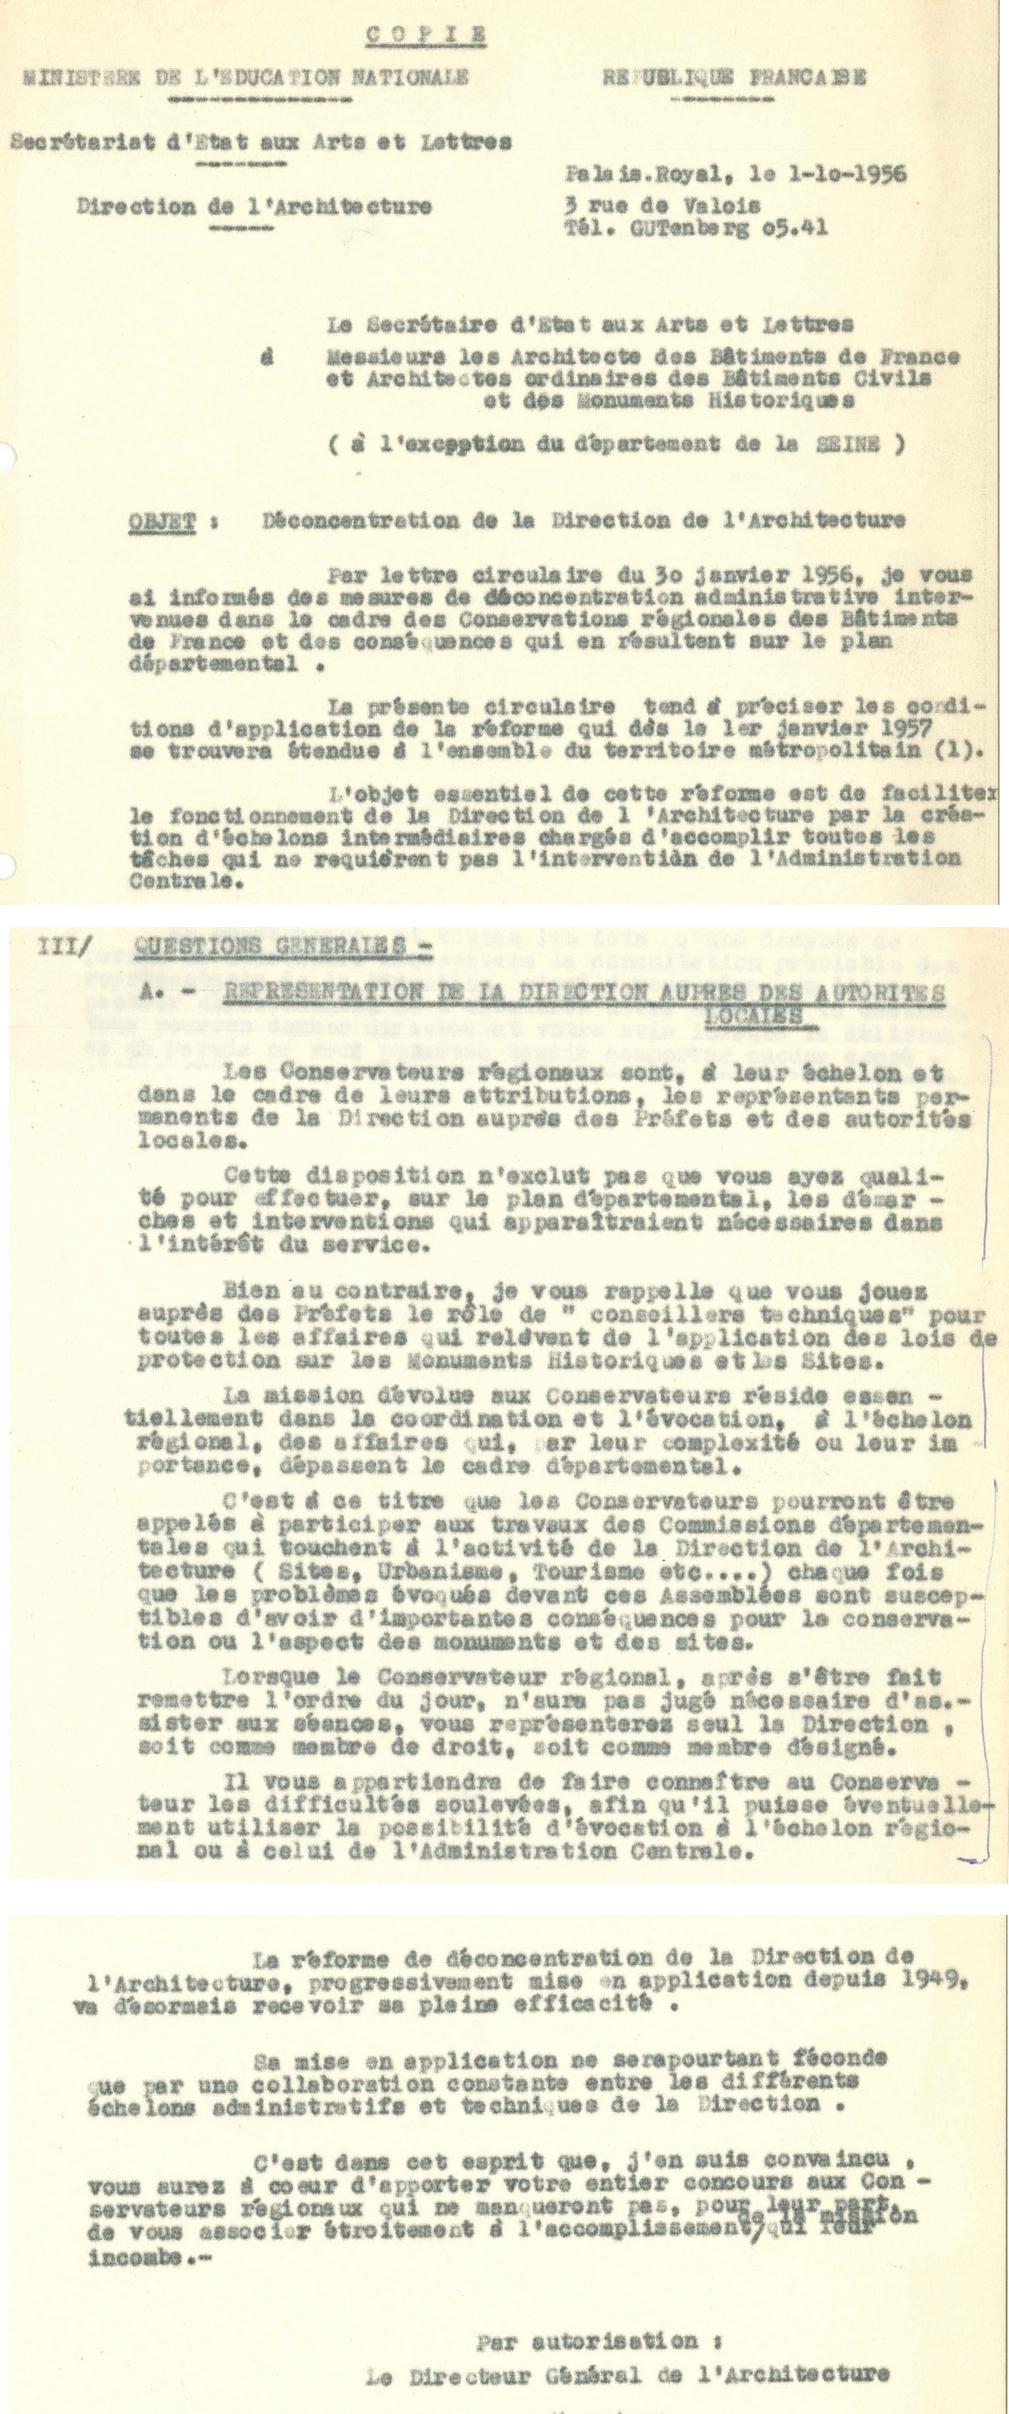 Circulaire du 1er octobre 1956 relative à la déconcentration de la Direction de l'architecture